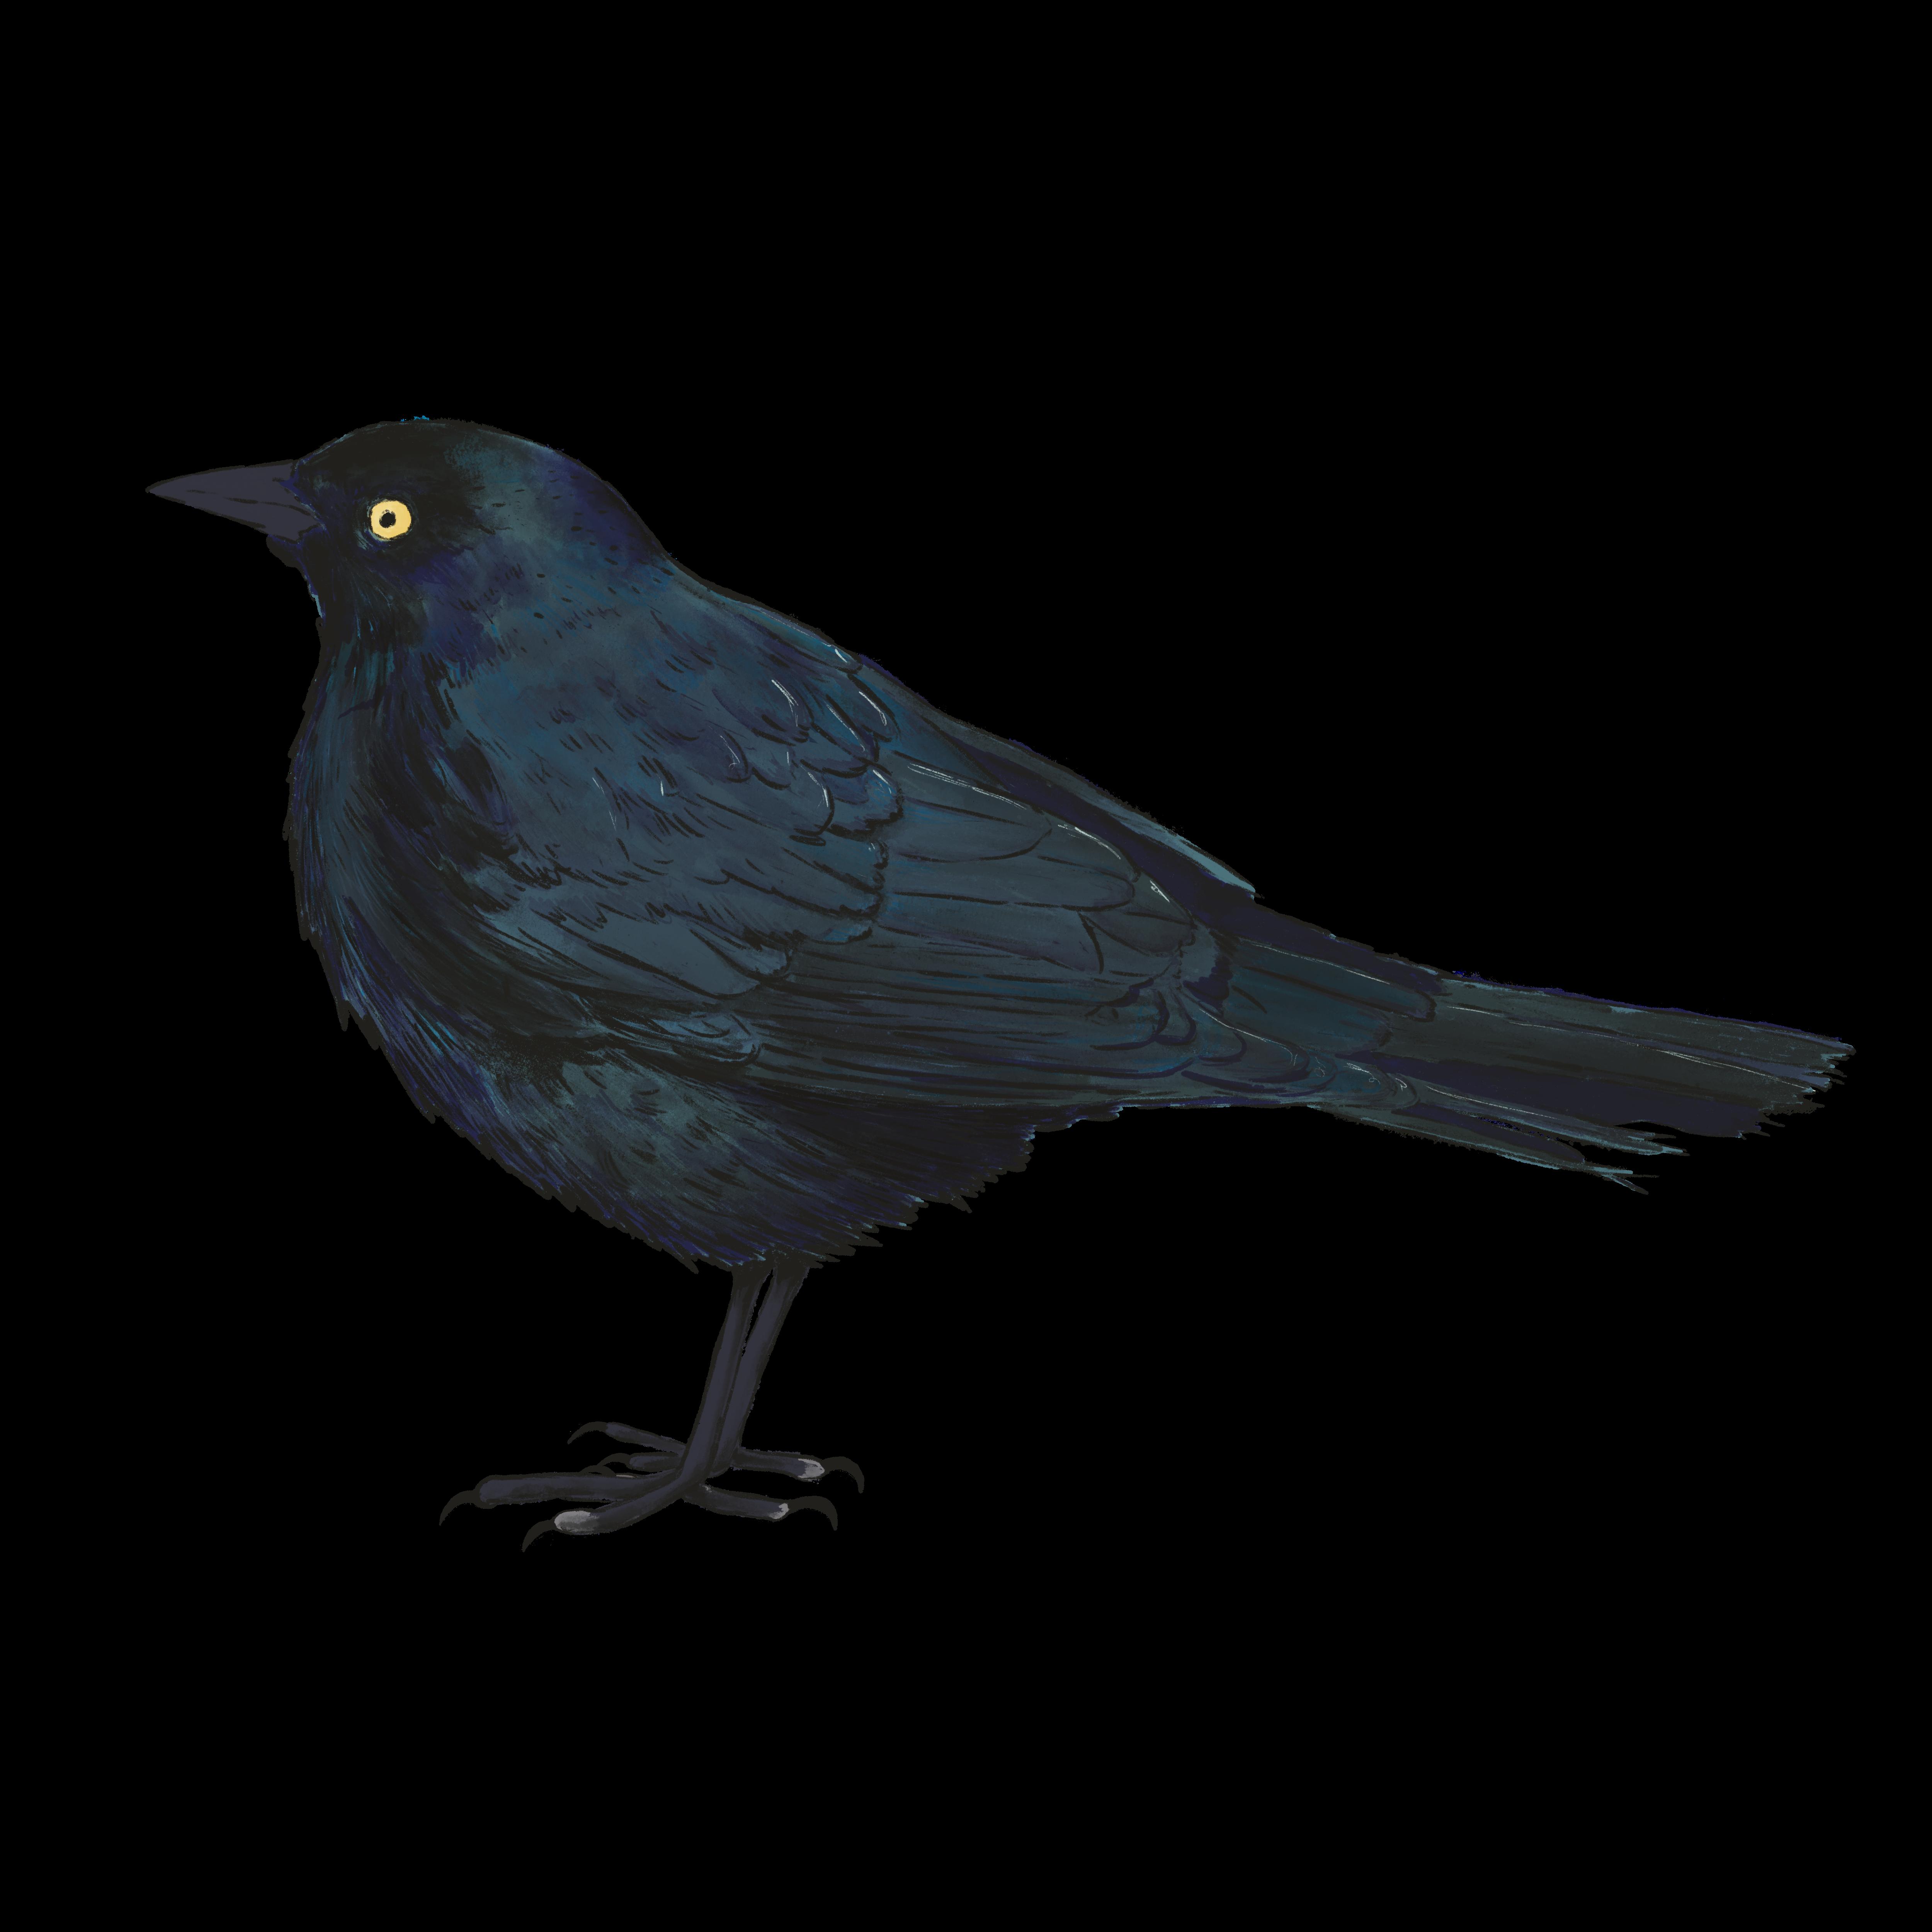 brewer's blackbird illustration